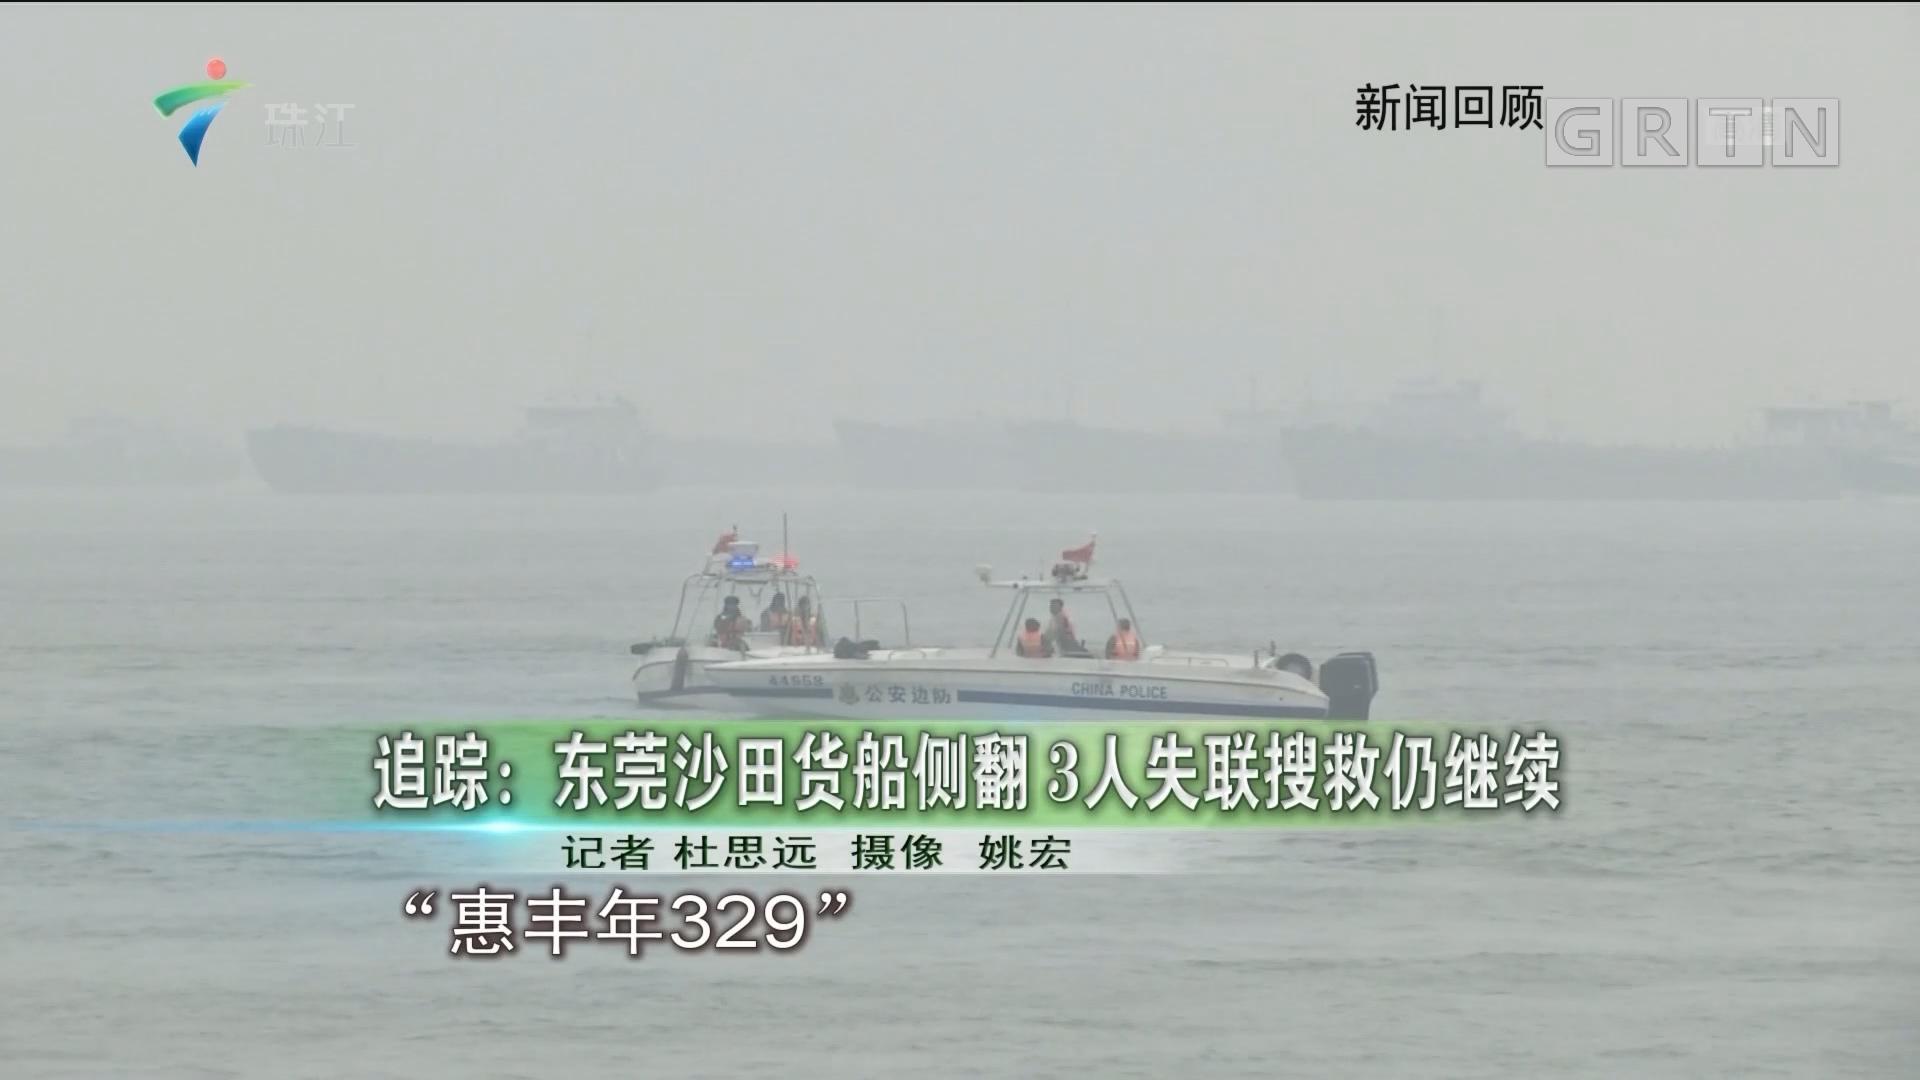 追踪:东莞沙田货船侧翻 3人失联搜救仍继续